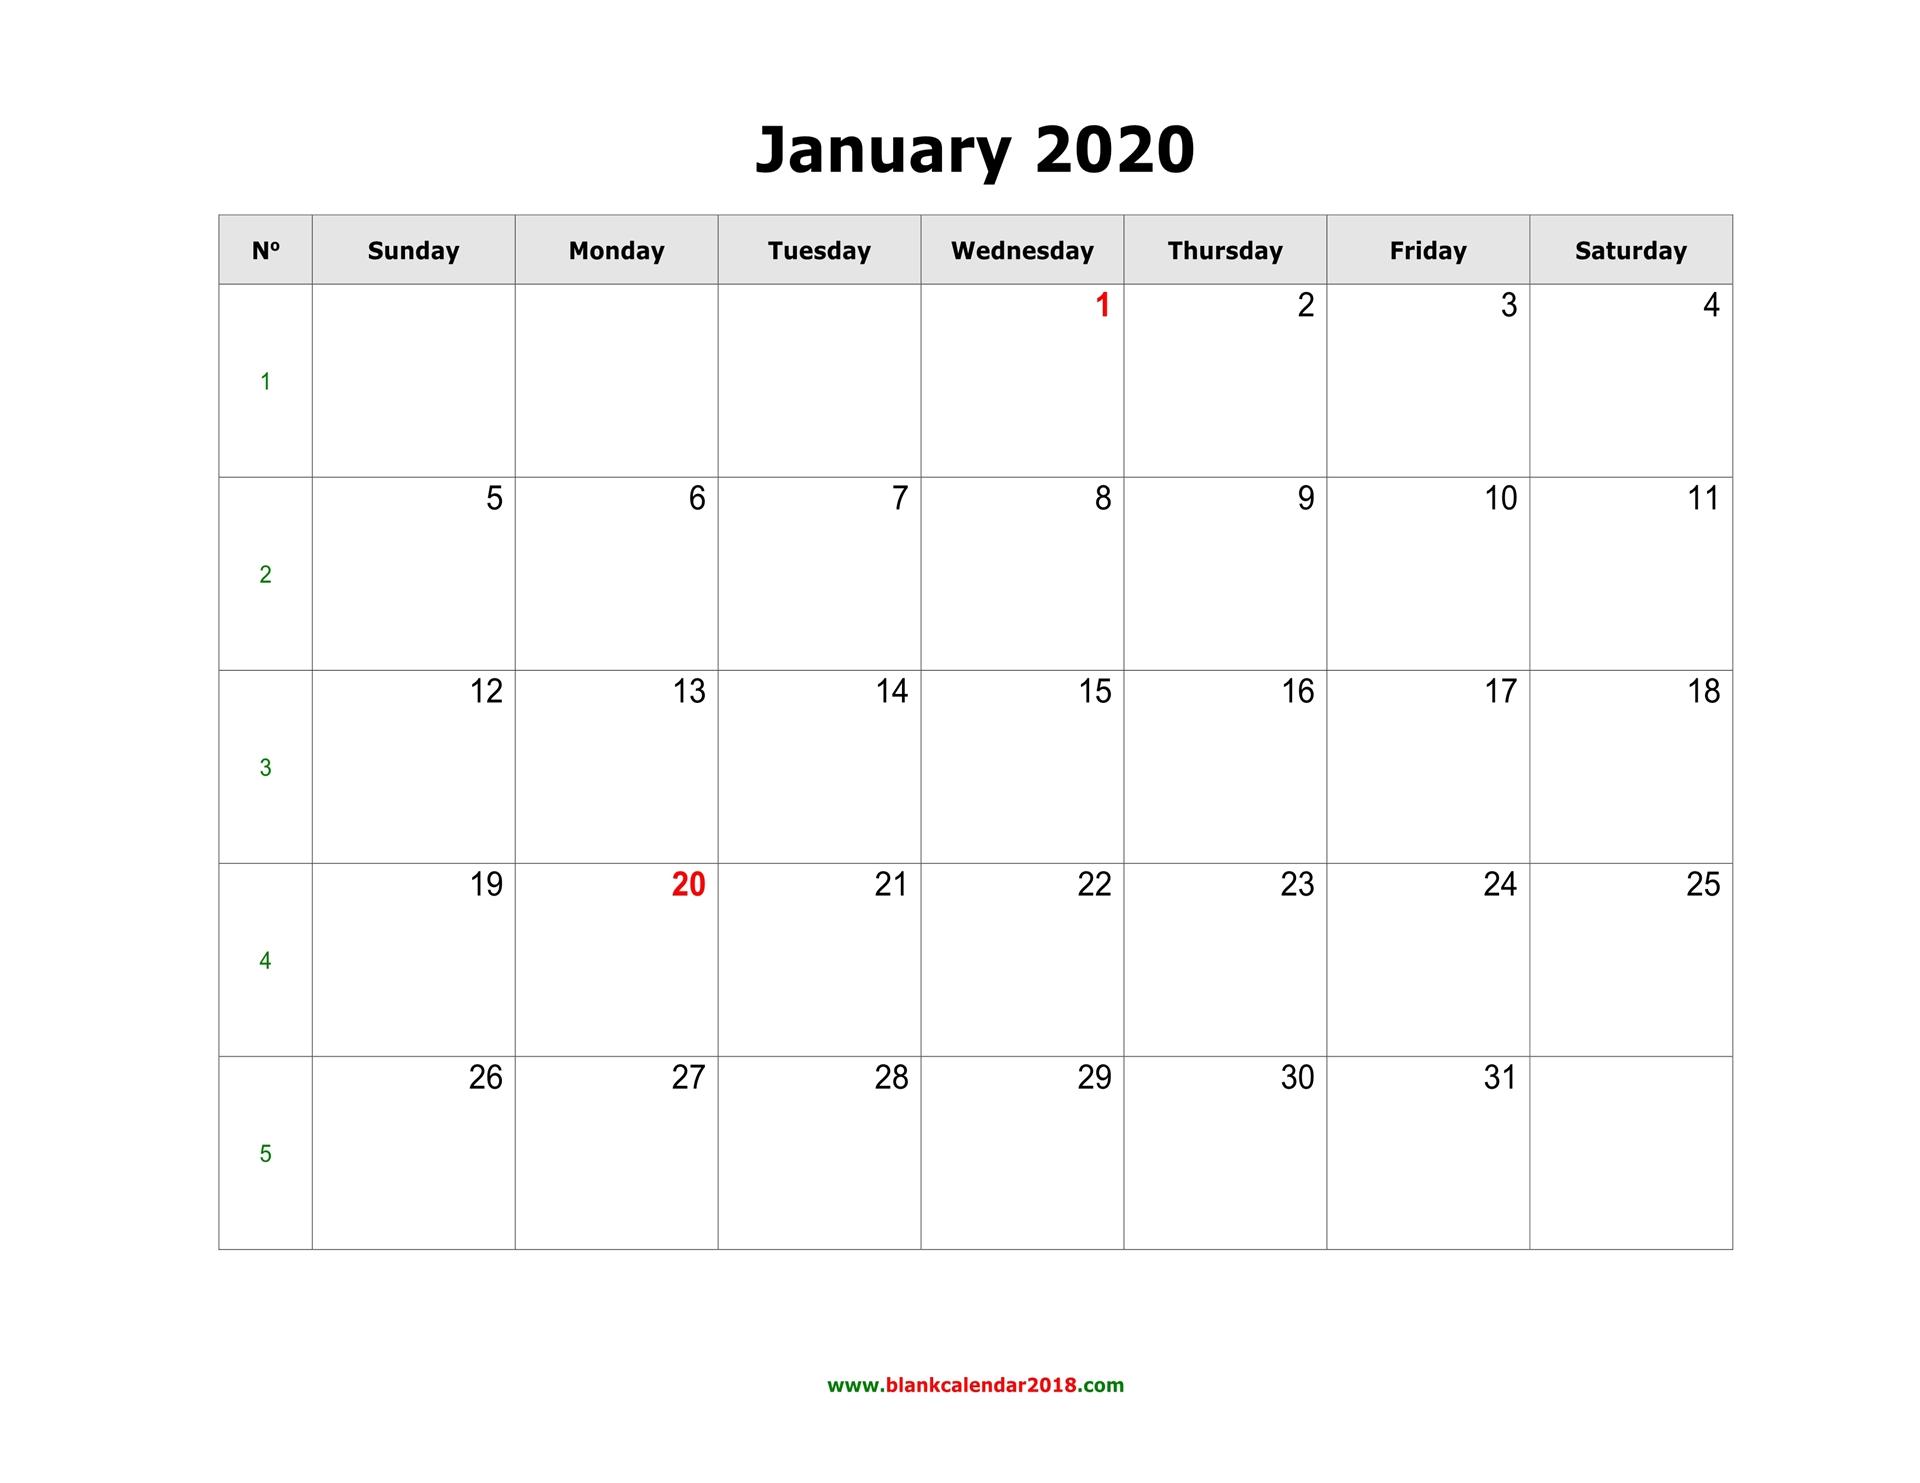 Blank Calendar 2020 inside 30 Day Calendar Blank